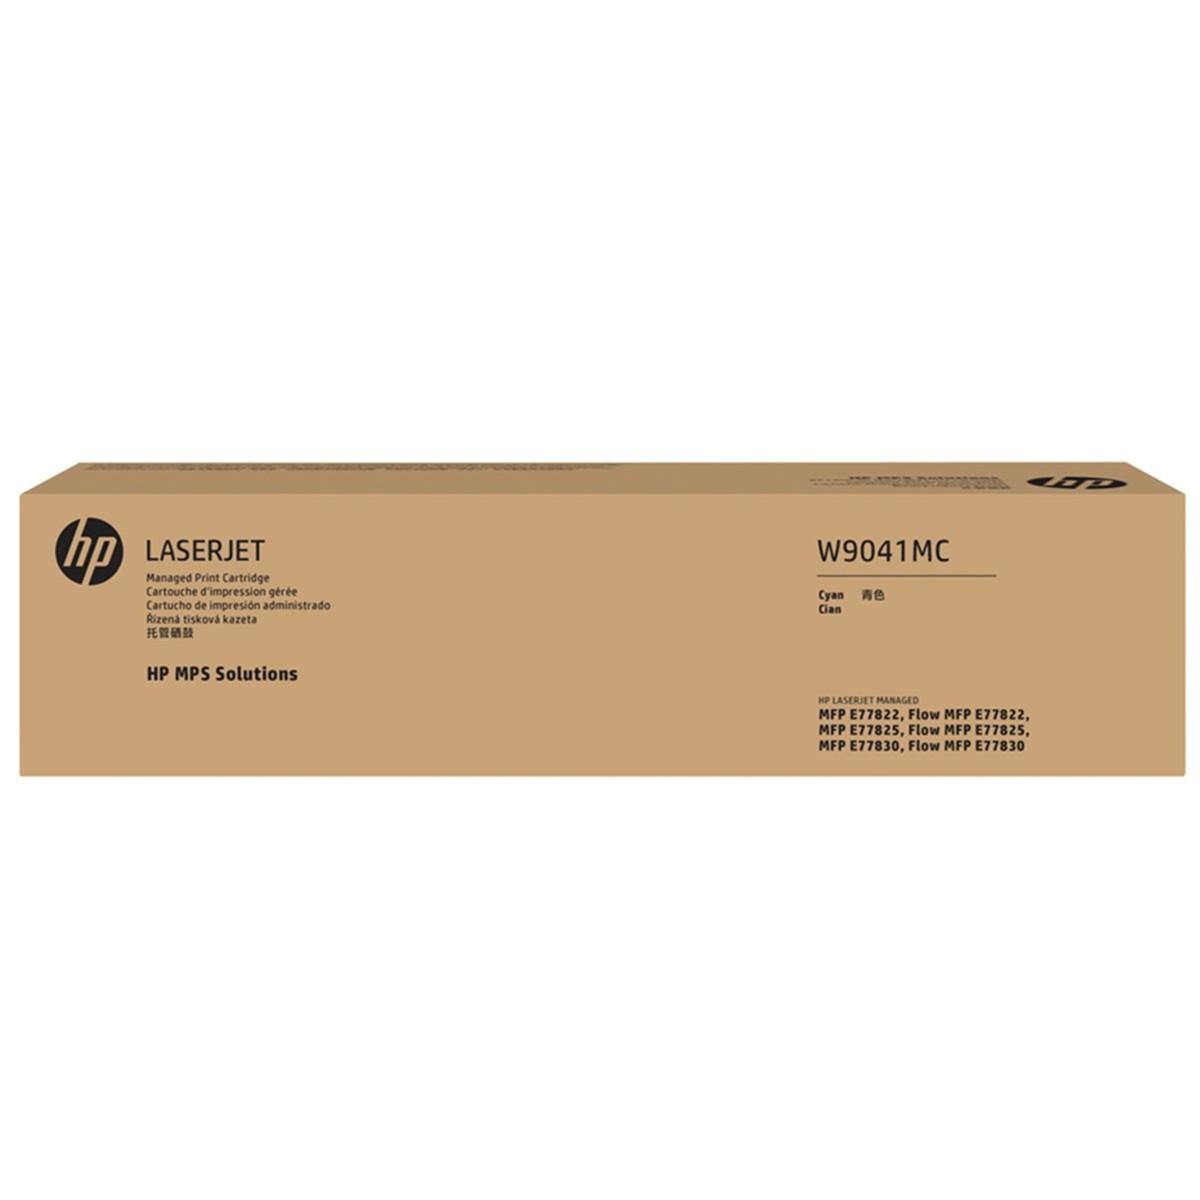 TONER HP W9041MC E778 CIANO